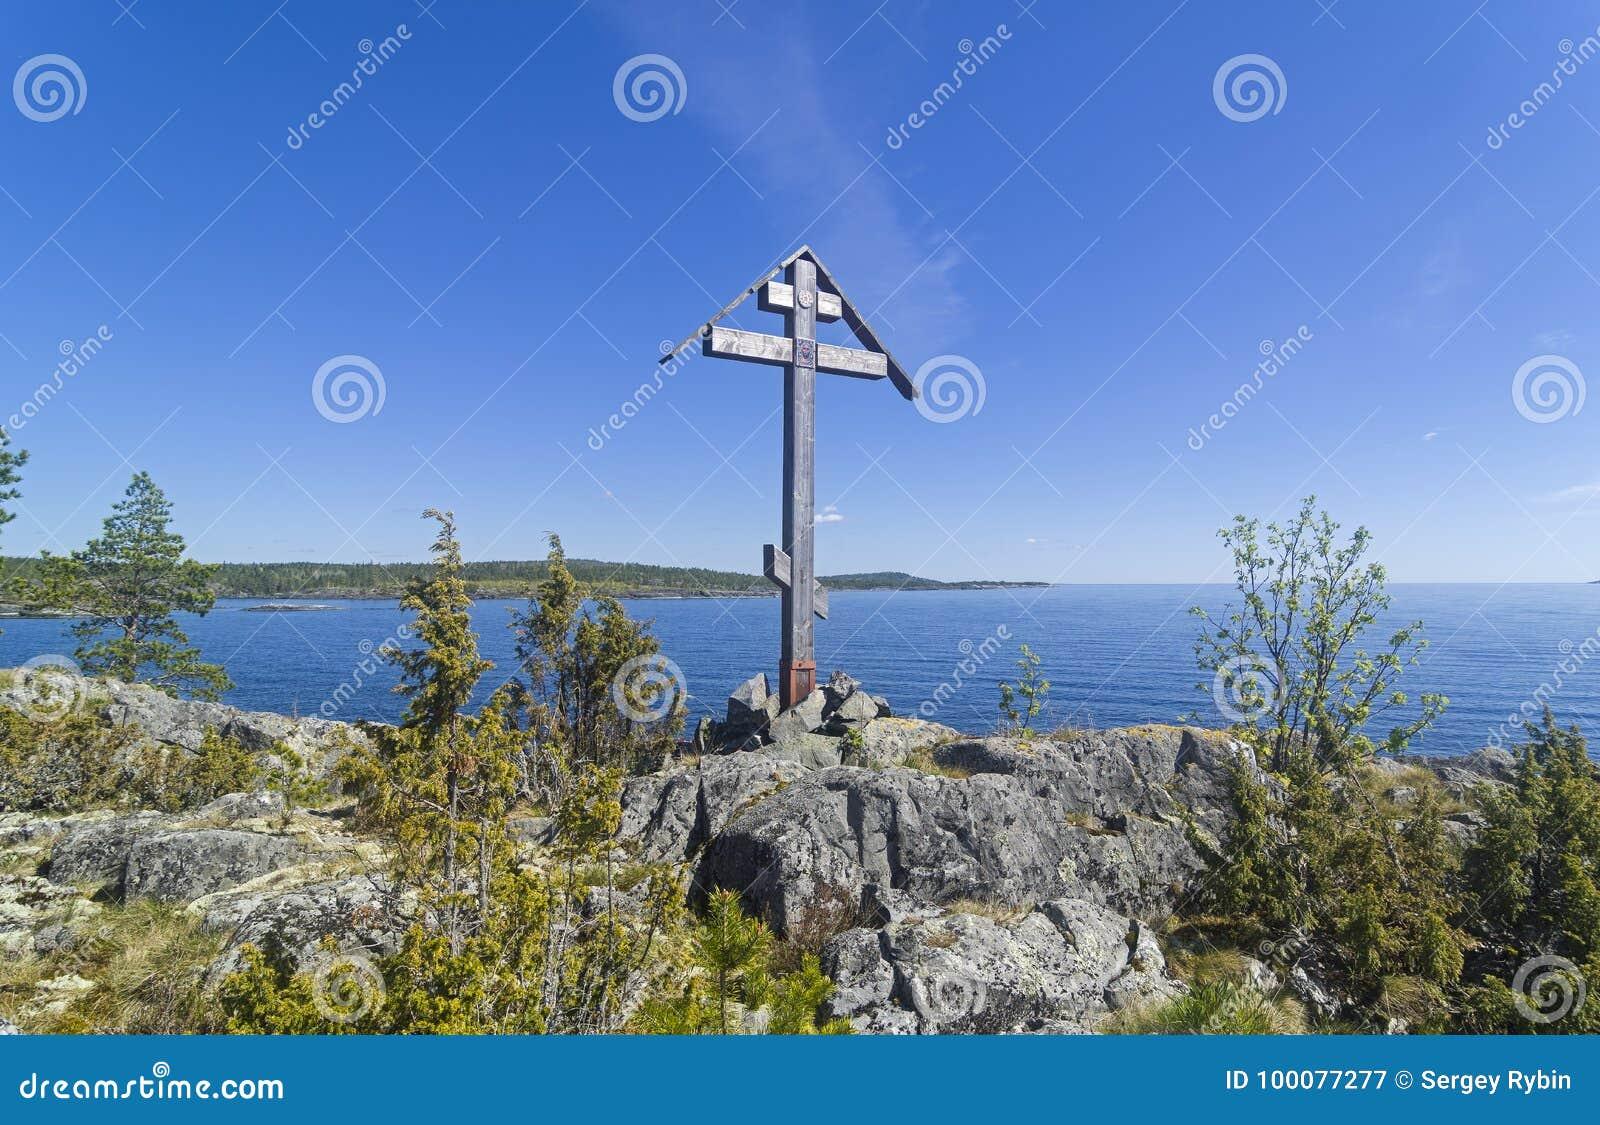 Adore a cruz em uma rocha na costa do lago ladoga